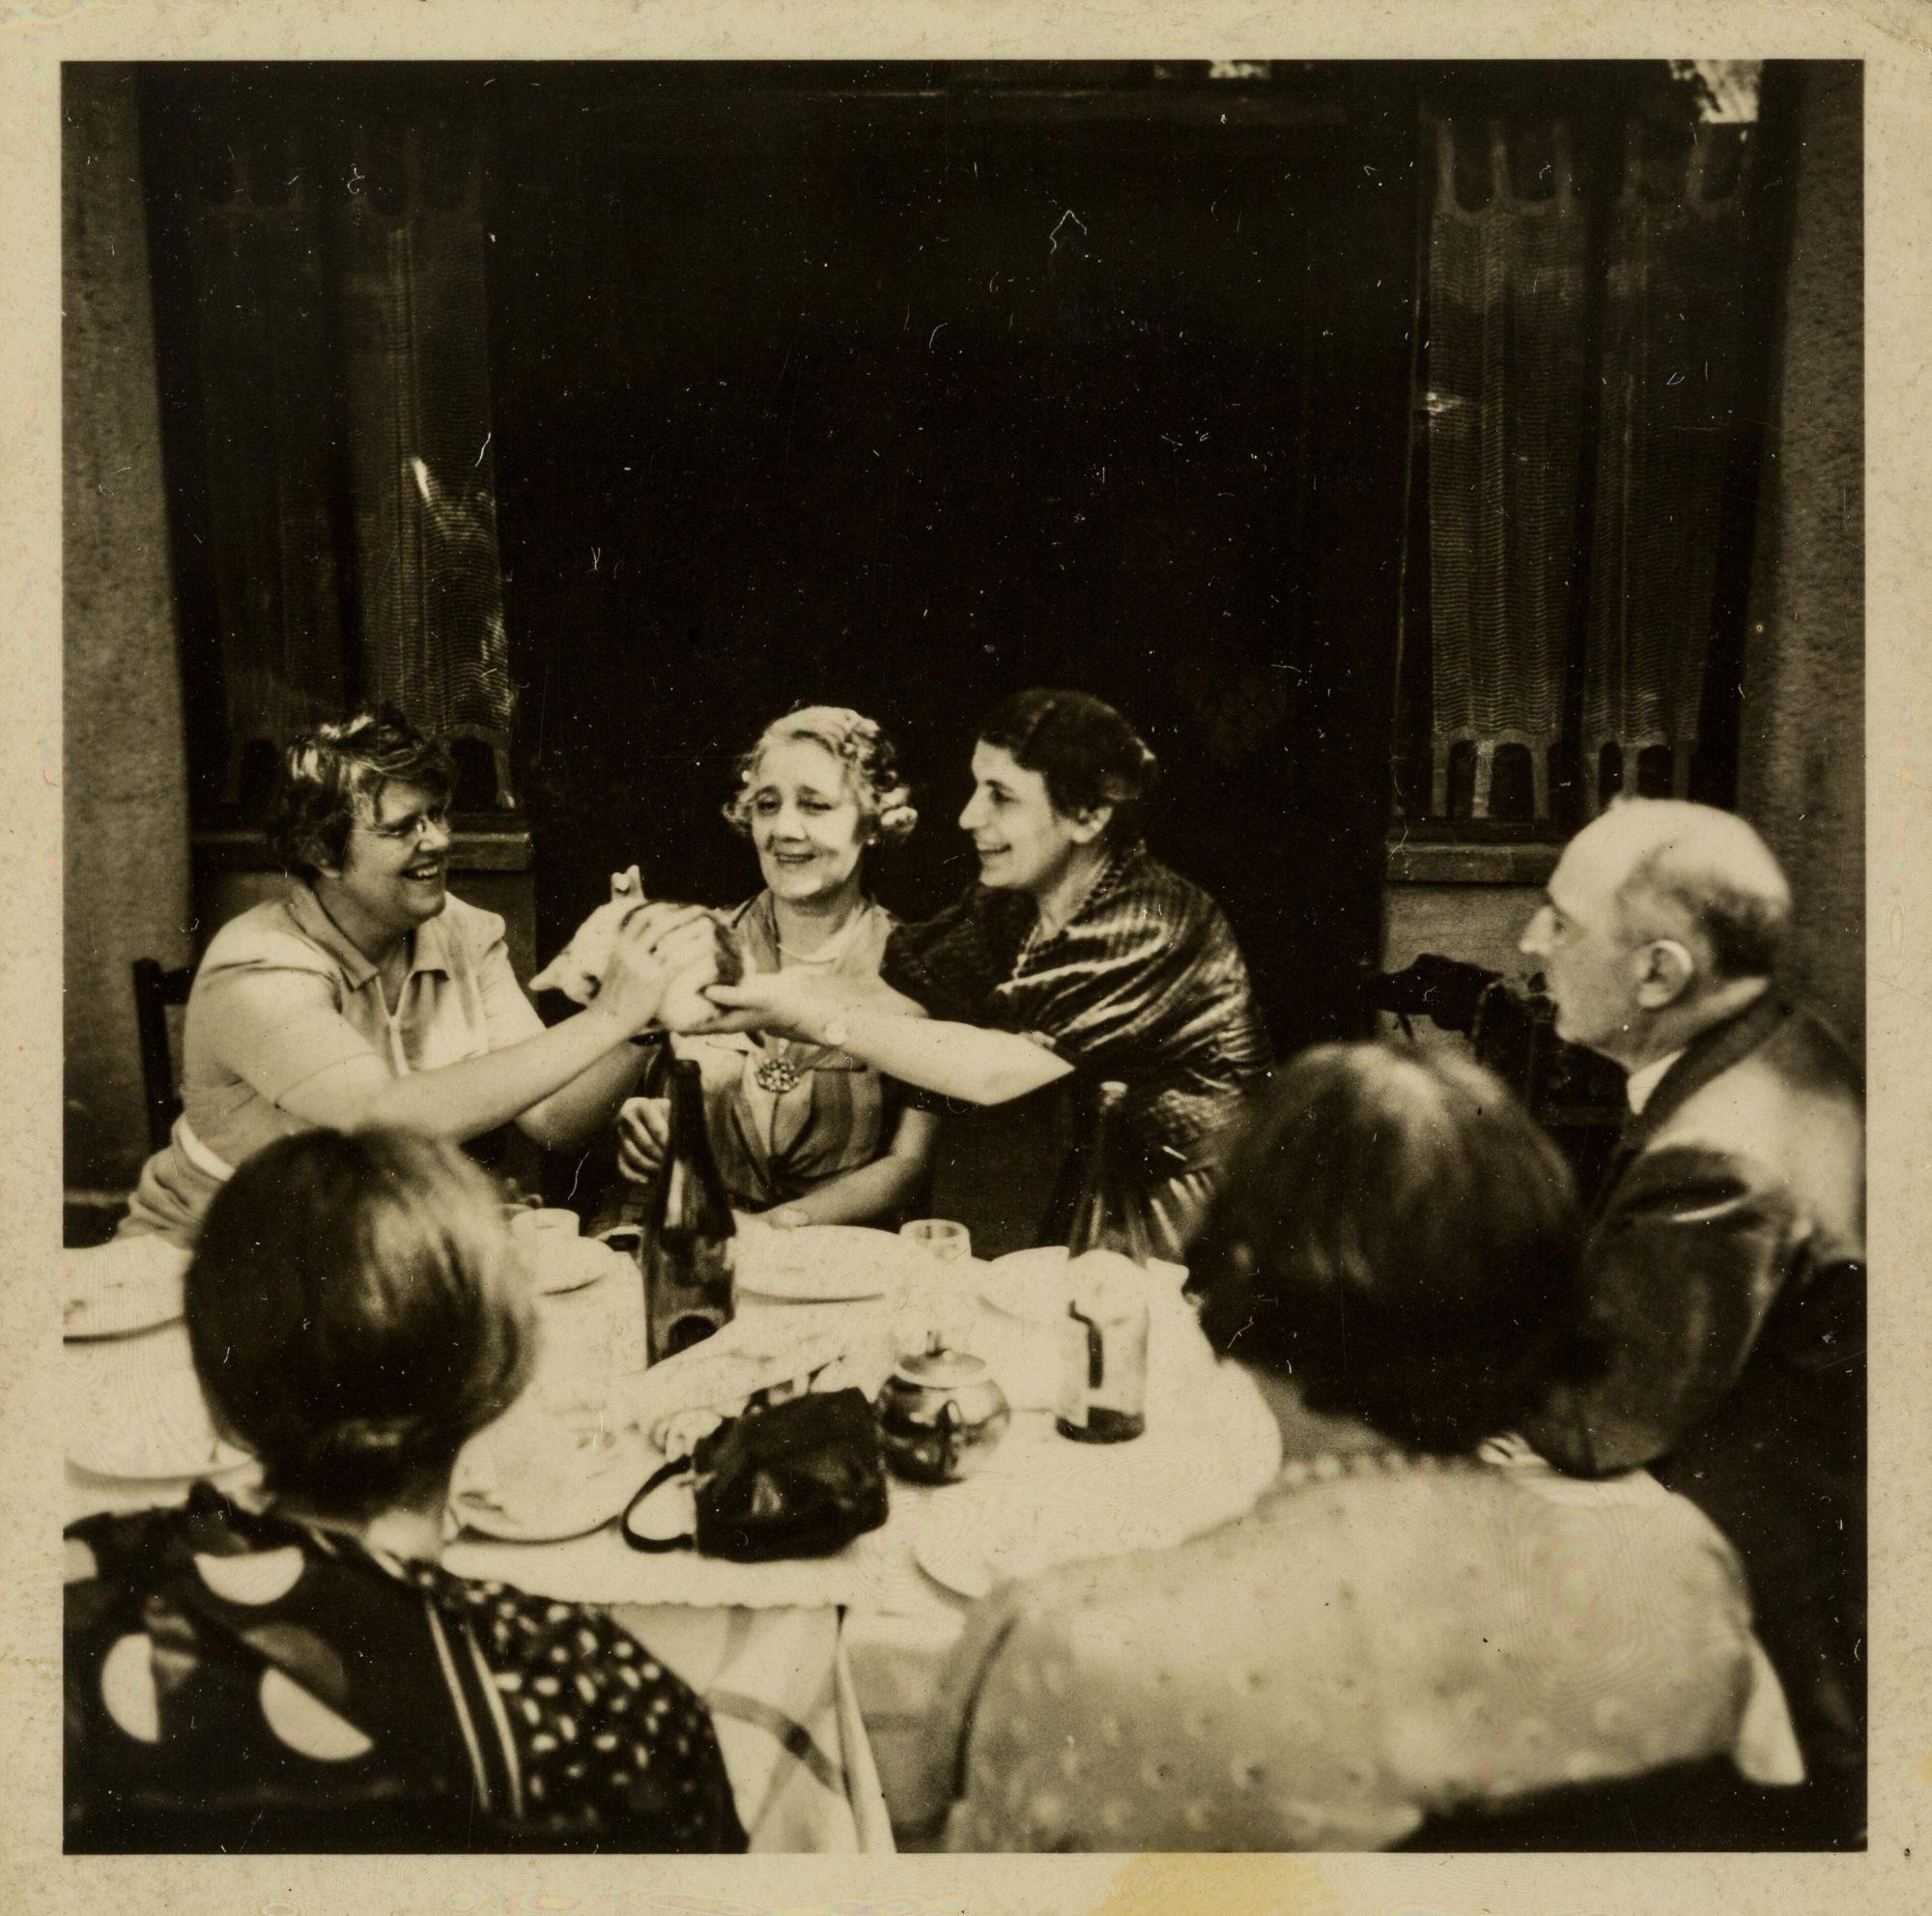 Melanie Klein avec Anna Freud, Ernest Jones et d'autres assis autour d'une table et se passant un chaton